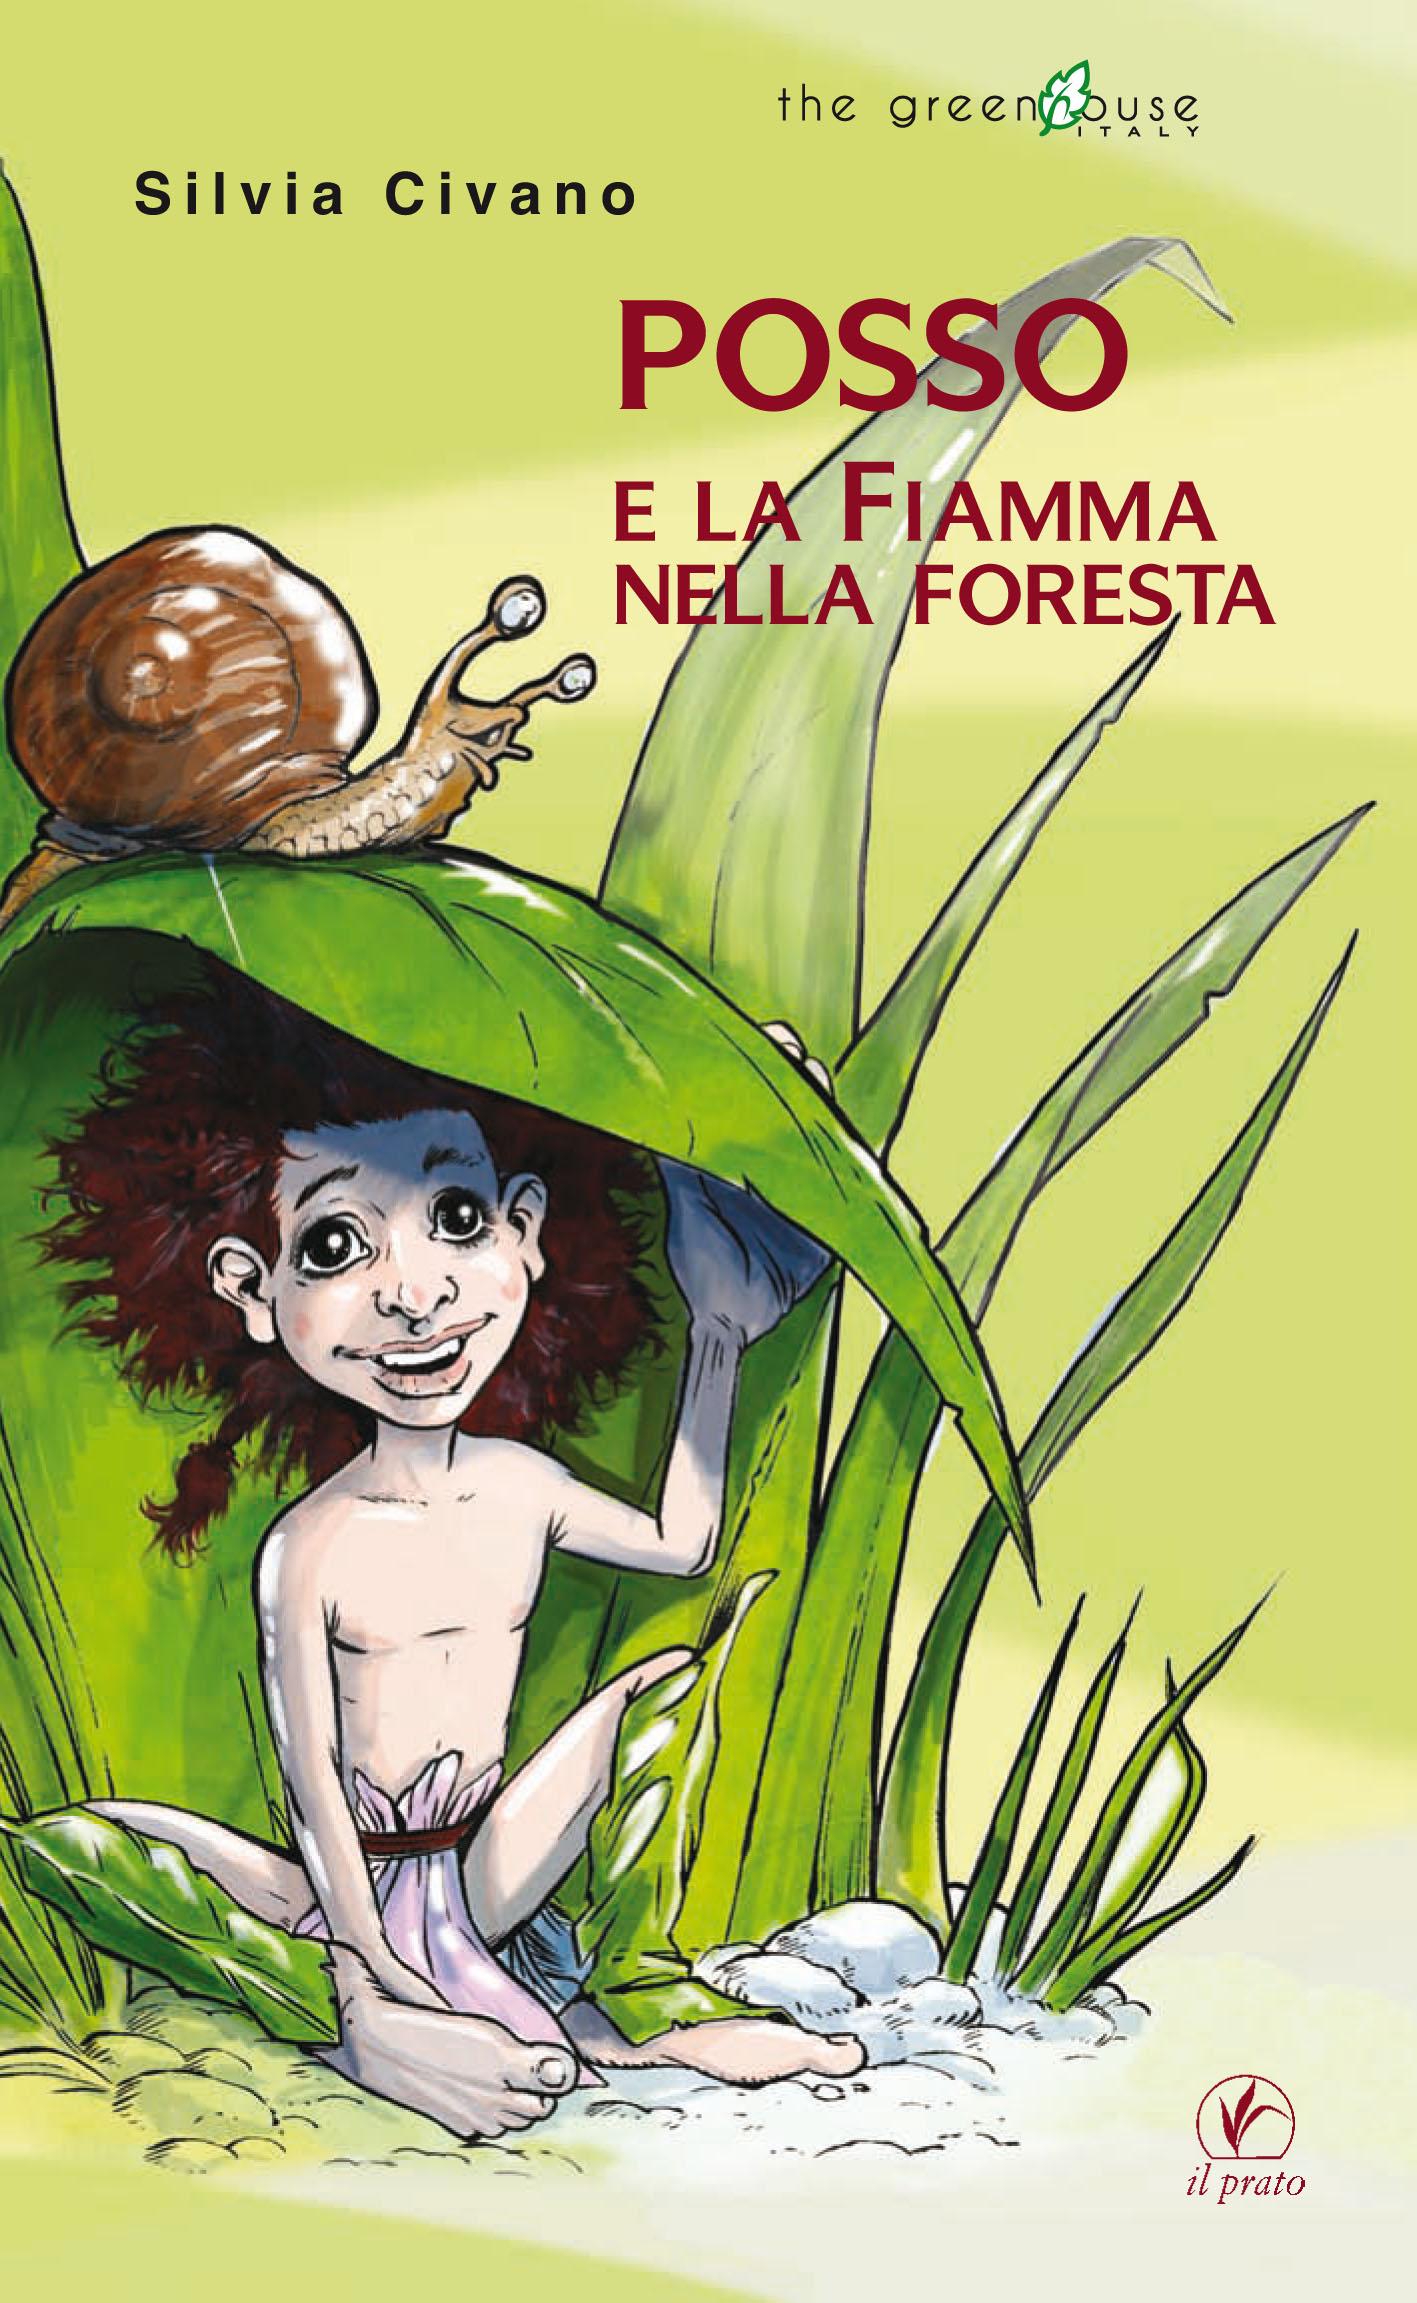 Posso e la Fiamma nella foresta Silvia Civano